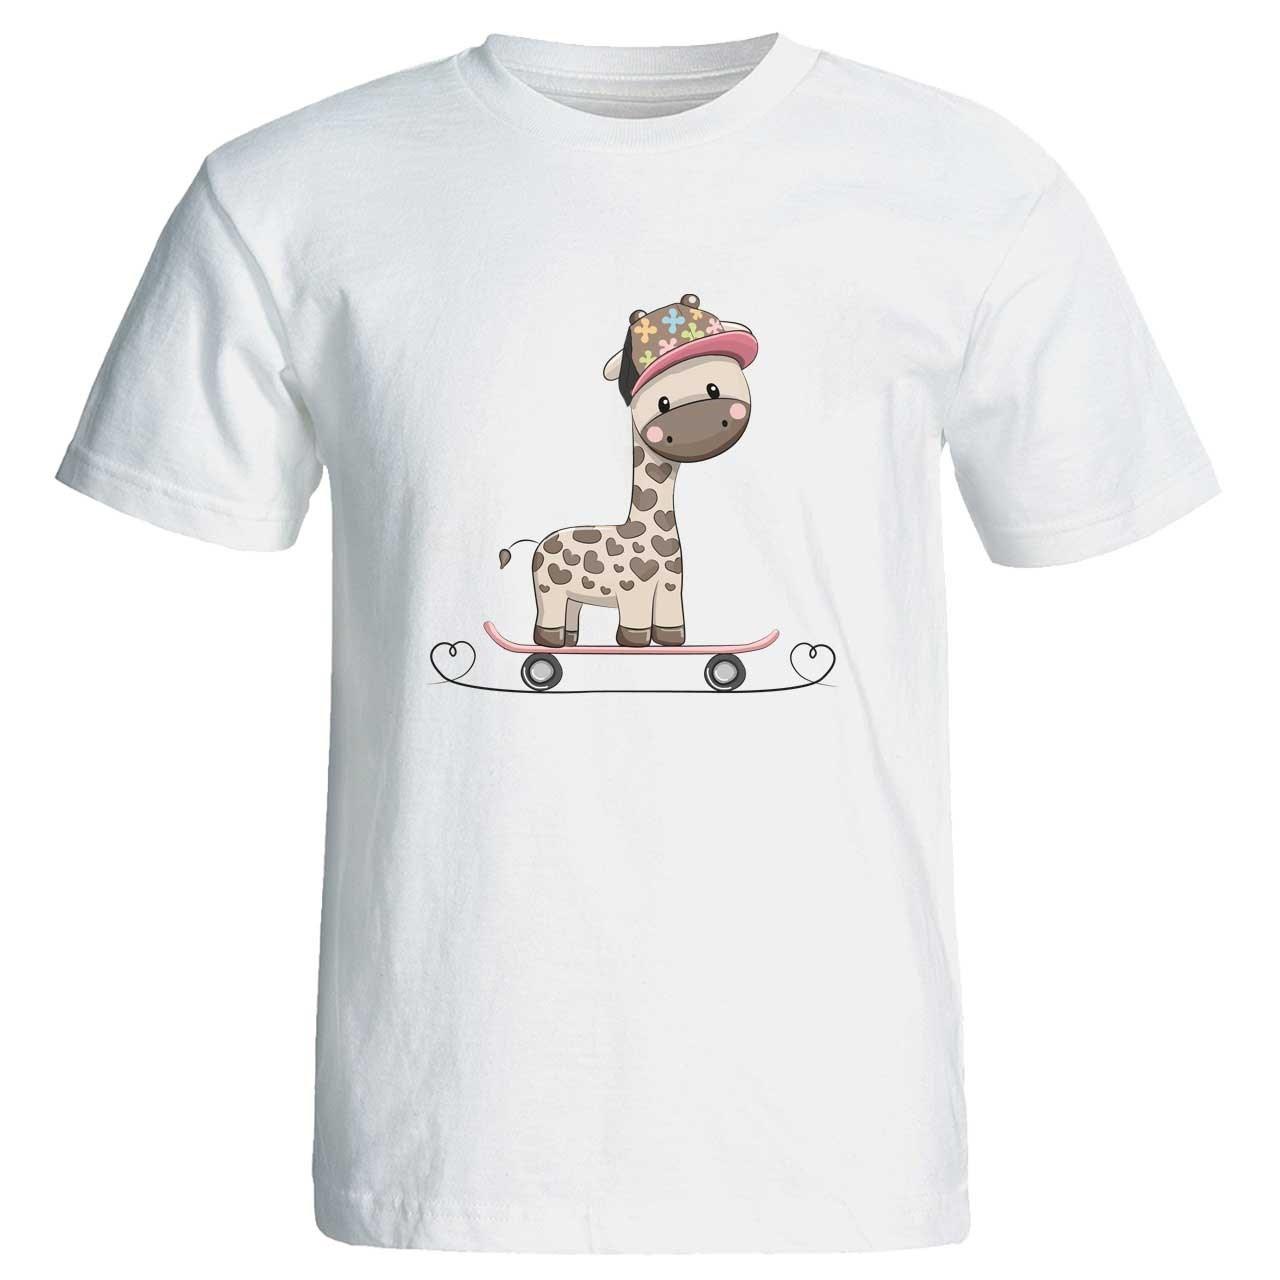 تی  شرت زنانه پارس طرح کارتونی زرافه ناز با اسکیت کد 3749